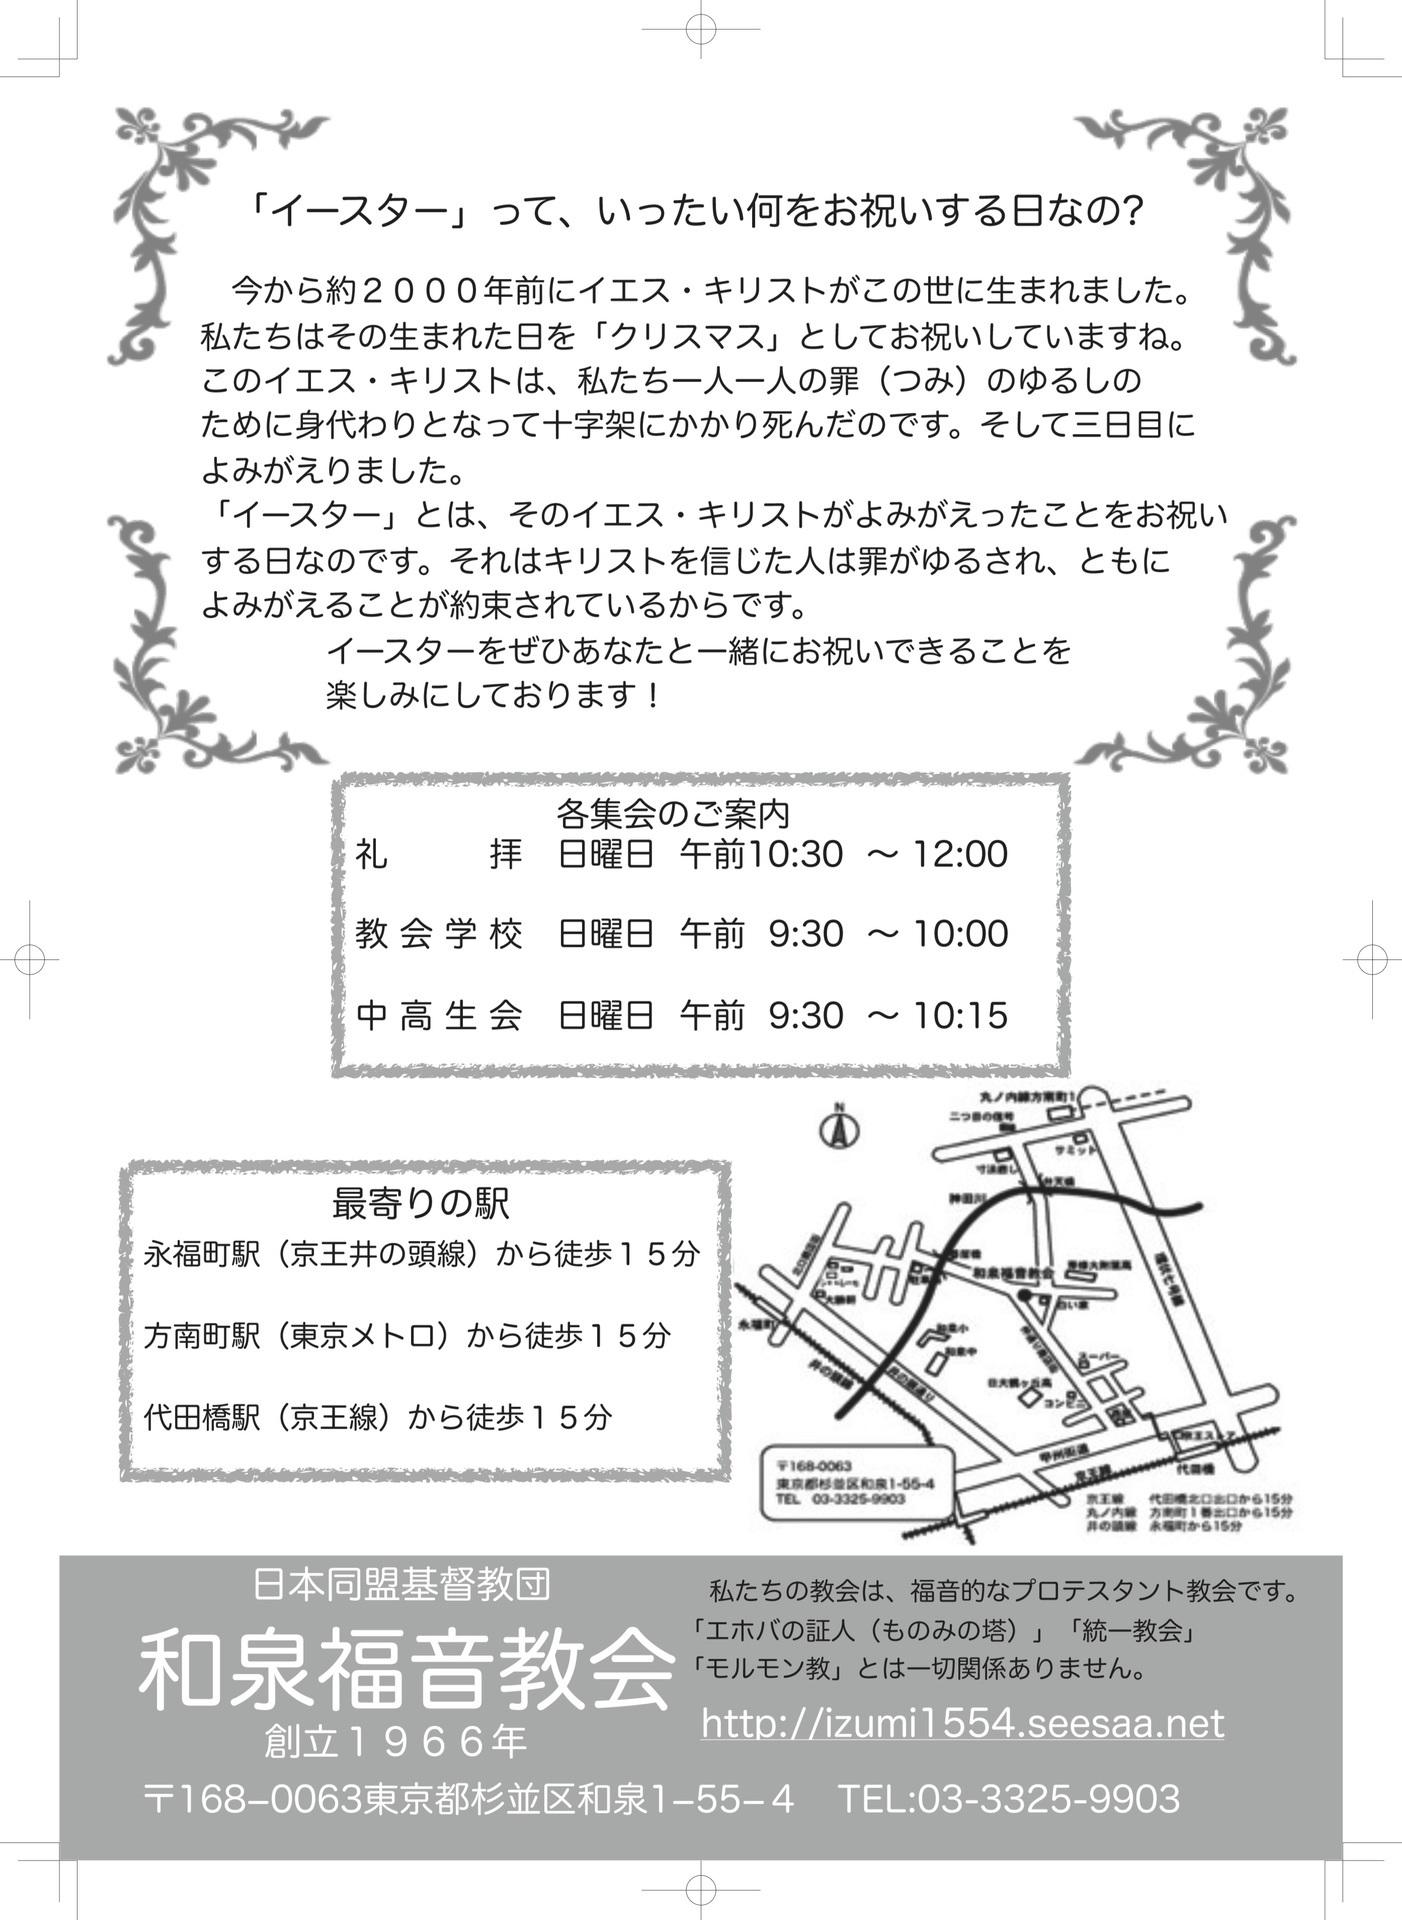 2016イースターチラシ裏面_x1a.jpg